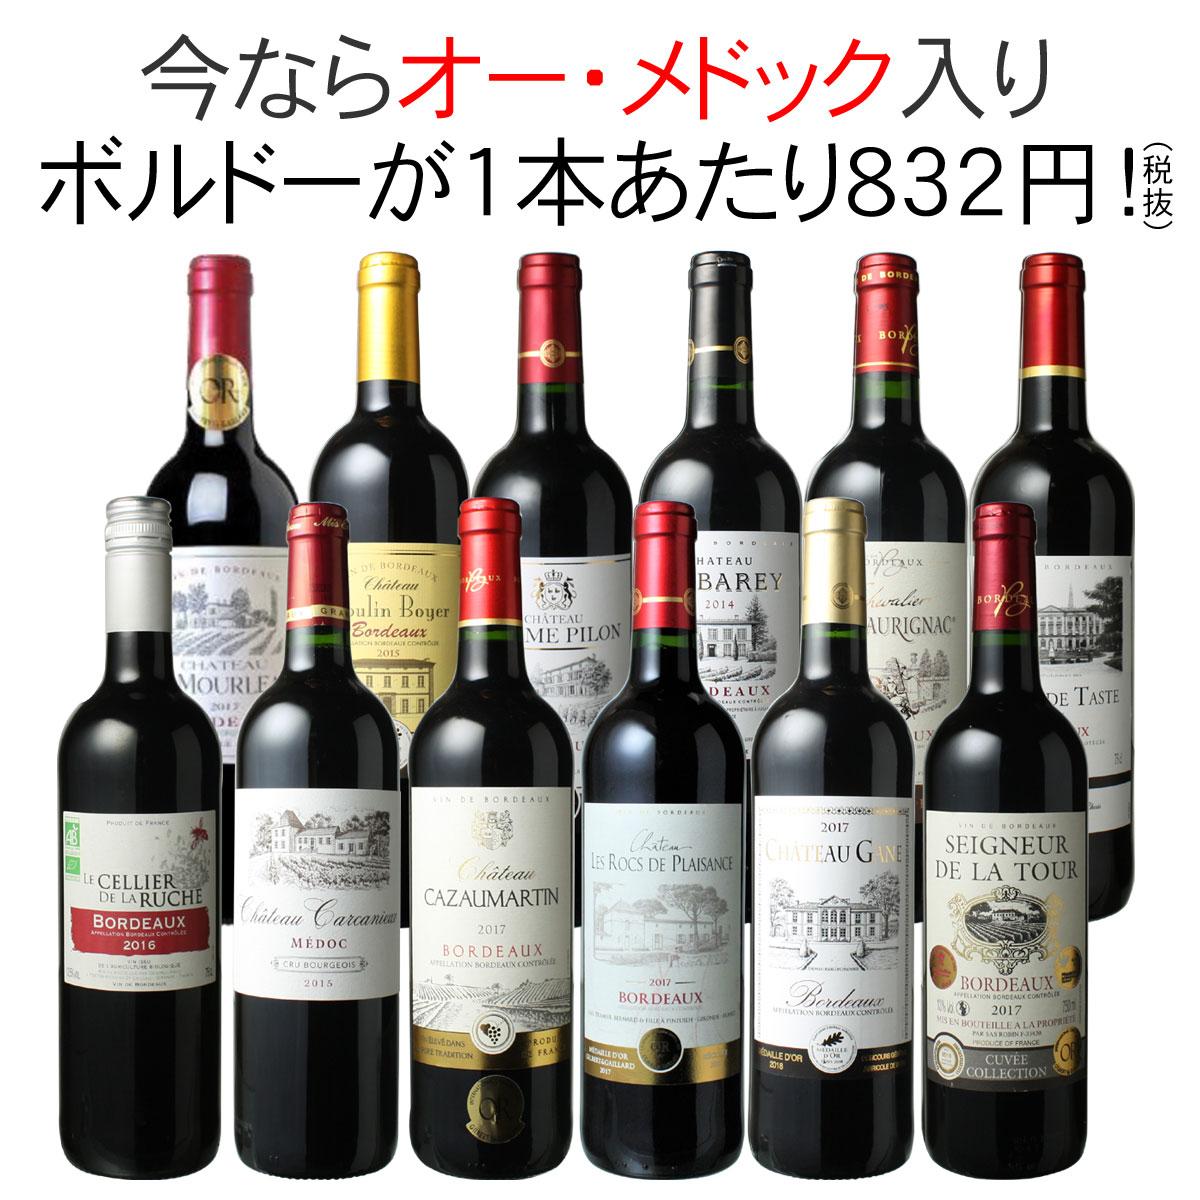 【送料無料】ワインセット 豪華 ボルドー ワイン 12本 セット 赤ワイン オー・メドック 大当たり年 金賞 パーティー 家飲み 御祝 誕生日 母の日 ギフト 第16弾 ※クール便ご指定の場合は高額加算になります。